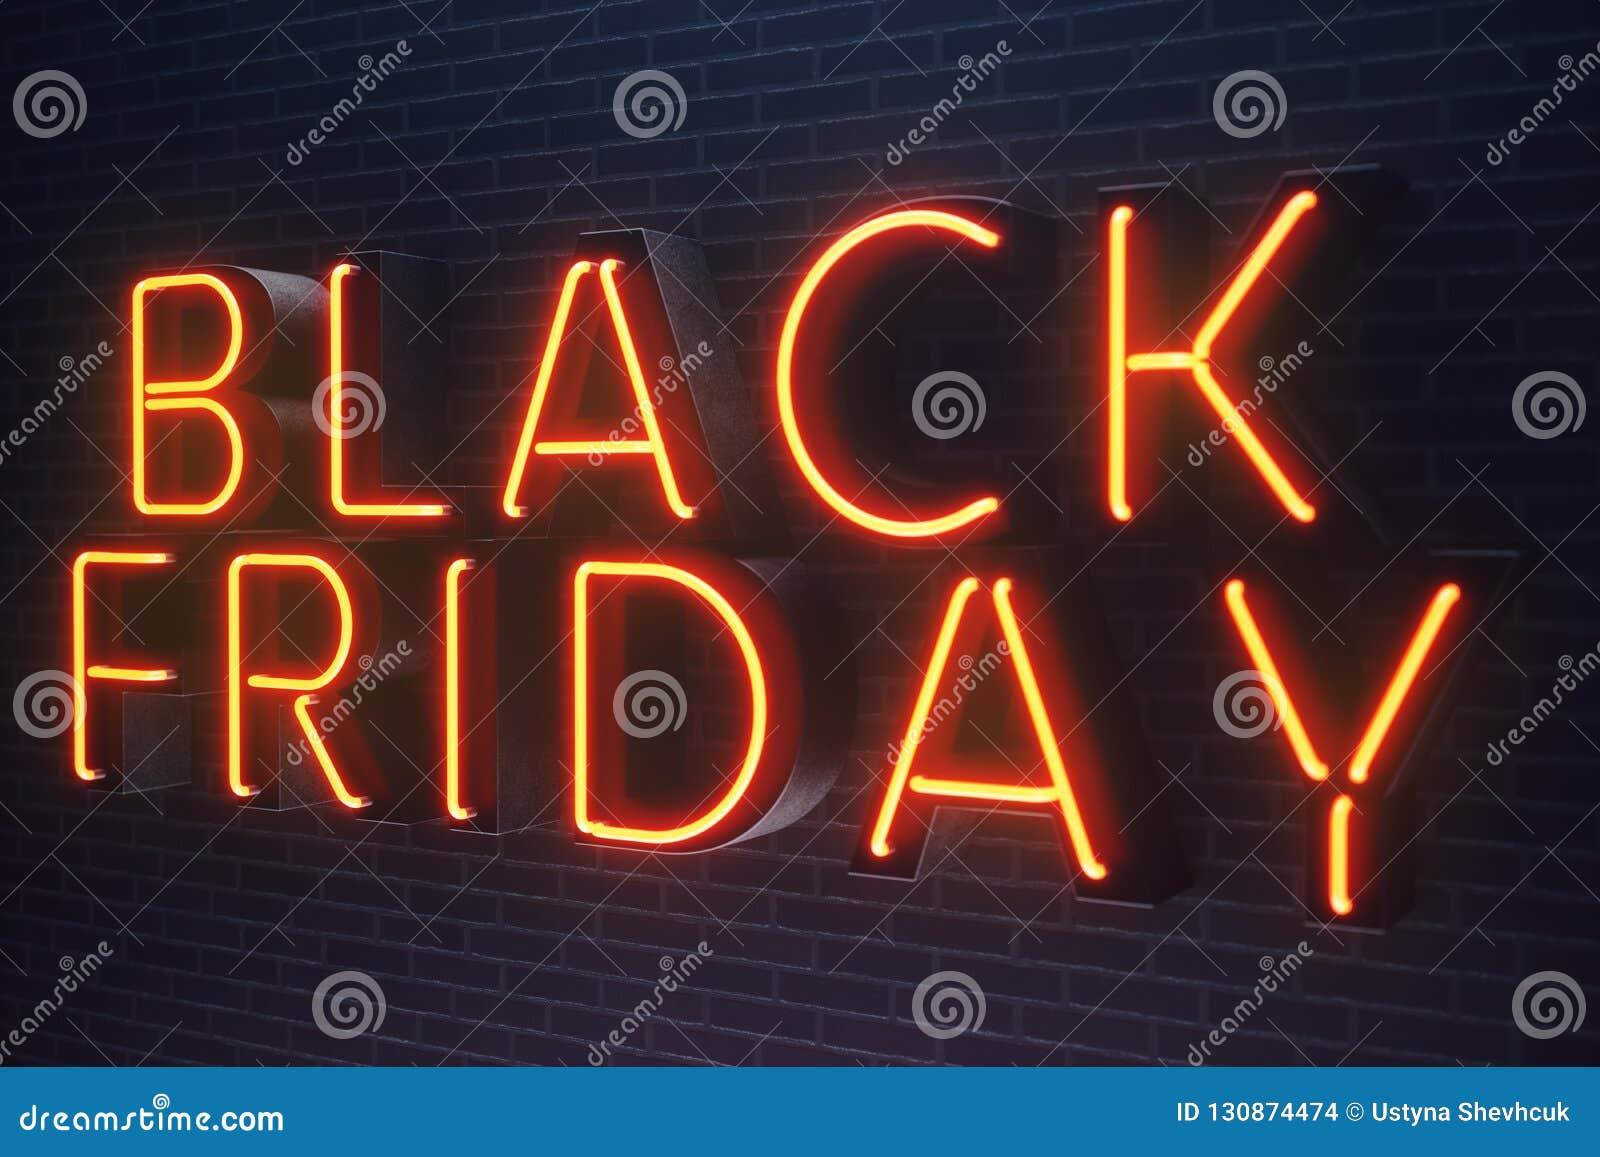 ecbbf10df8 Black Friday - Sexta-feira Com Uma Venda Grande Vendas